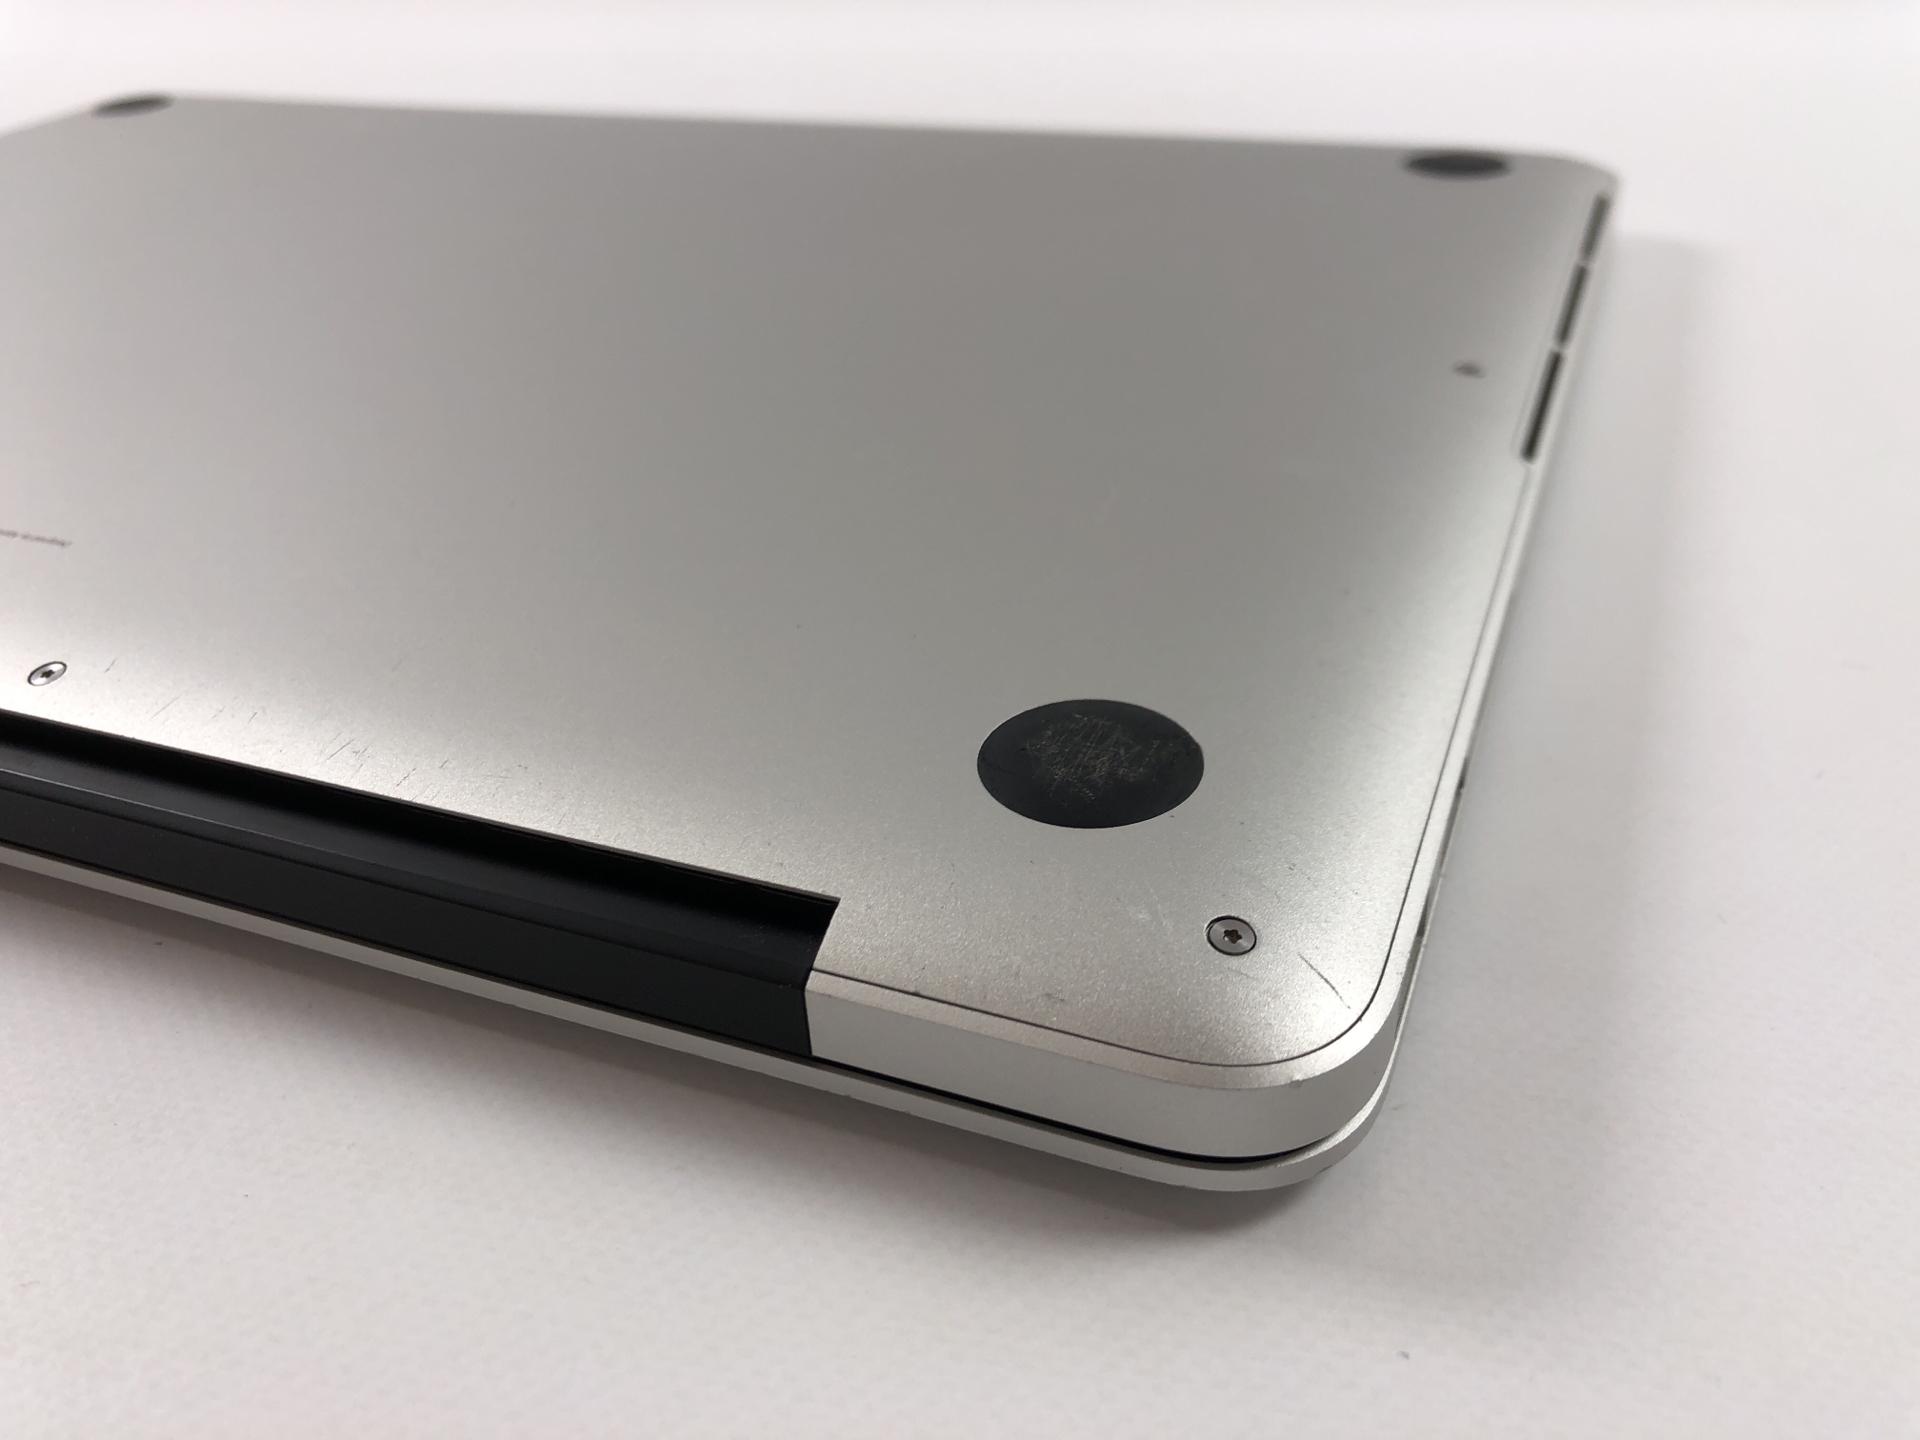 """MacBook Pro Retina 15"""" Mid 2015 (Intel Quad-Core i7 2.5 GHz 16 GB RAM 512 GB SSD), Intel Quad-Core i7 2.5 GHz, 16 GB RAM, 512 GB SSD, bild 3"""